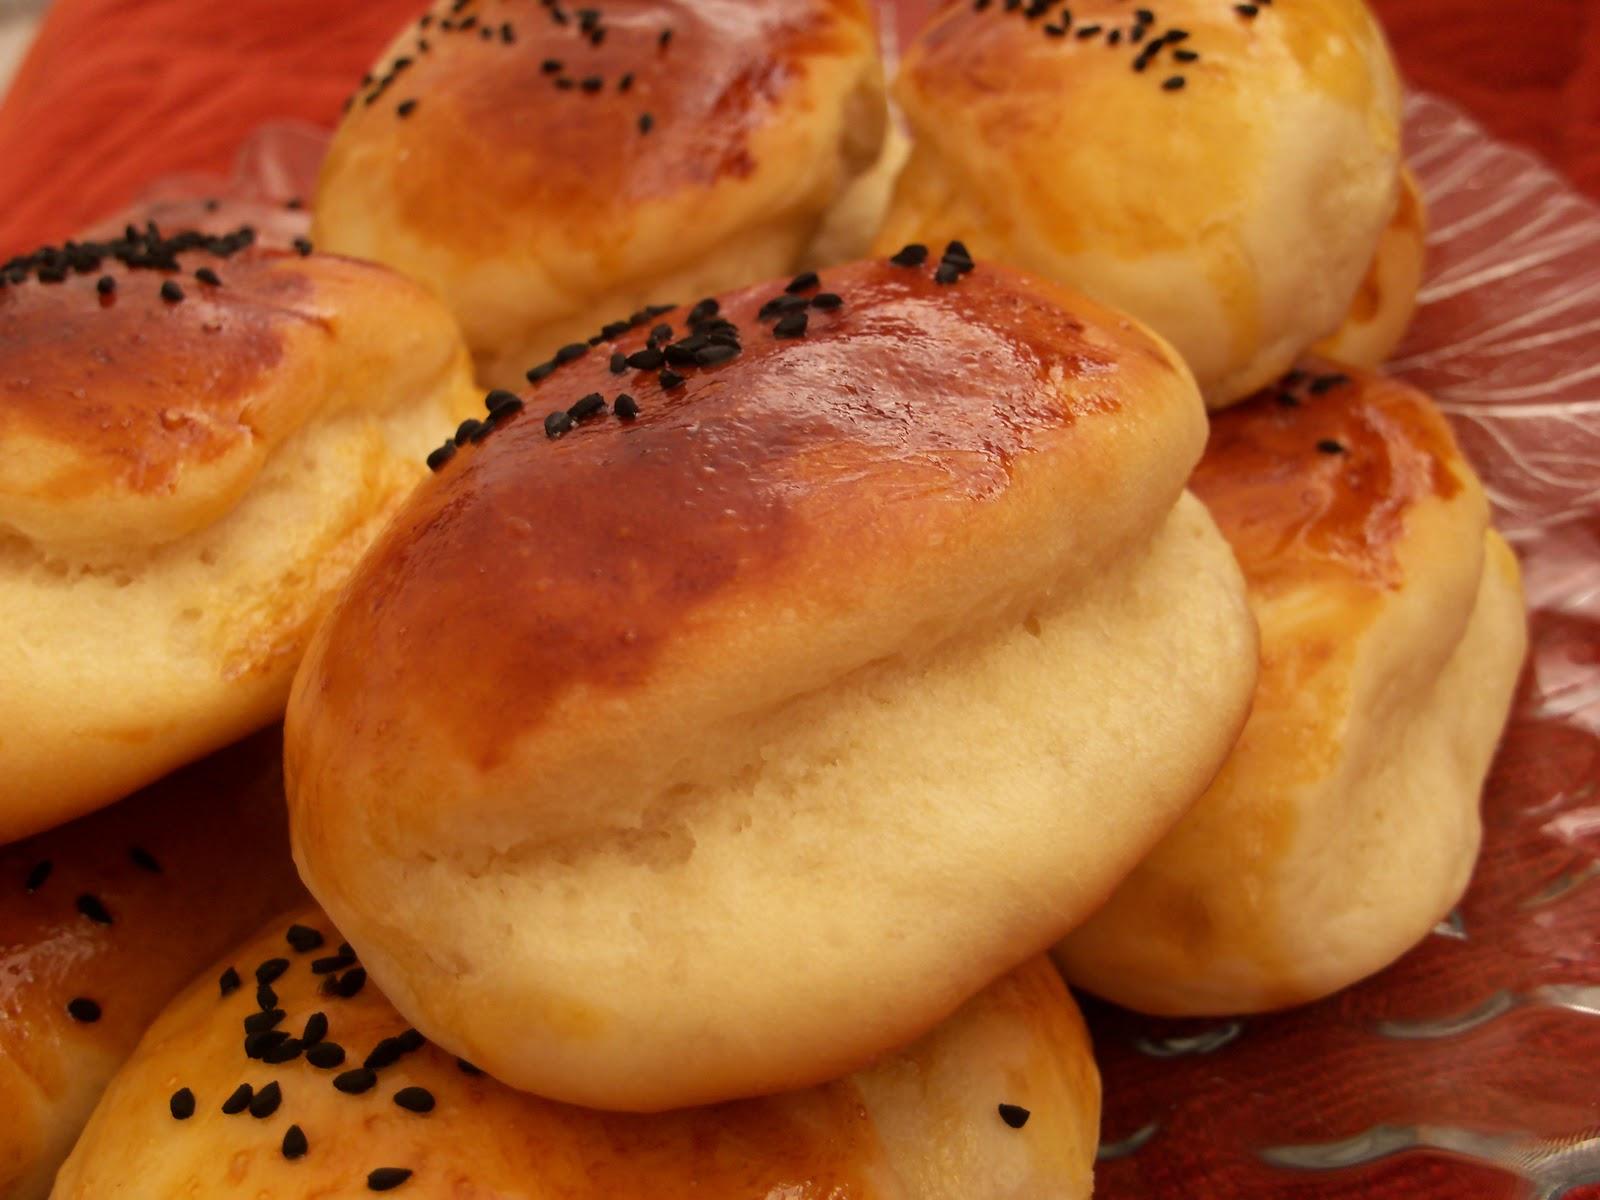 Peynirli tuzlu kurabiye tarifi ile Etiketlenen Konular 87